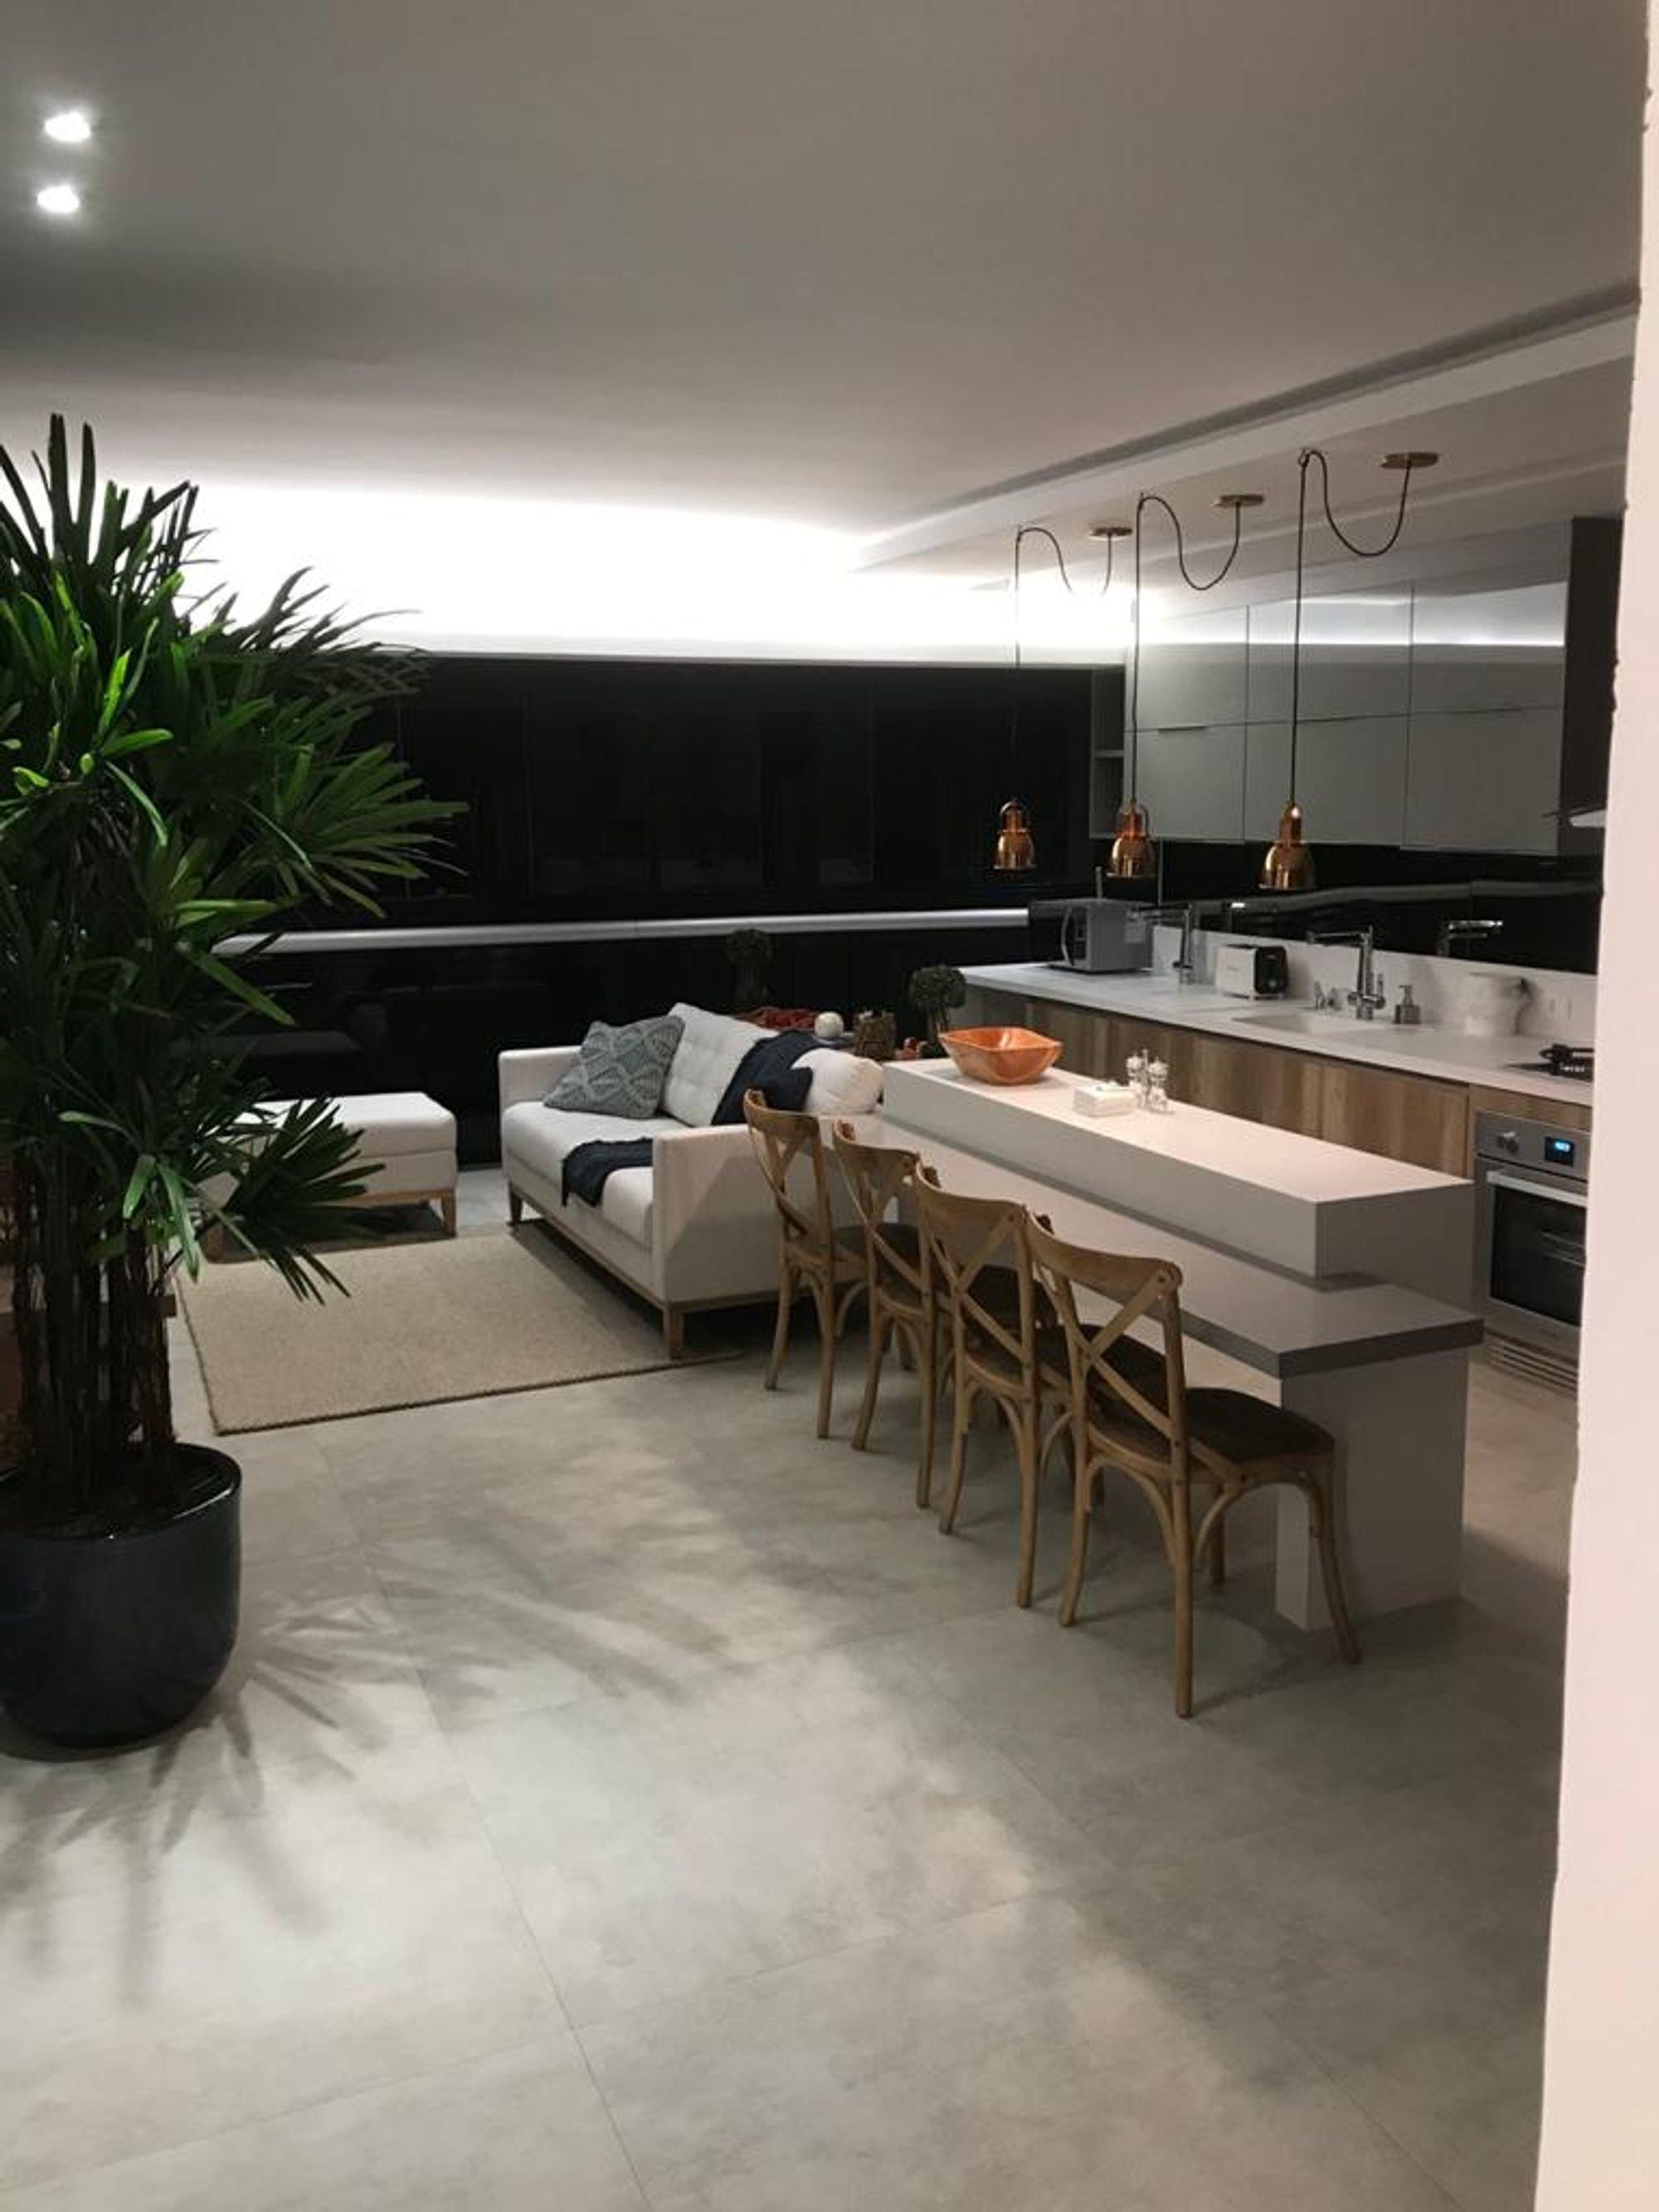 Nesta foto há vaso de planta, sofá, forno, tigela, cadeira, pessoa